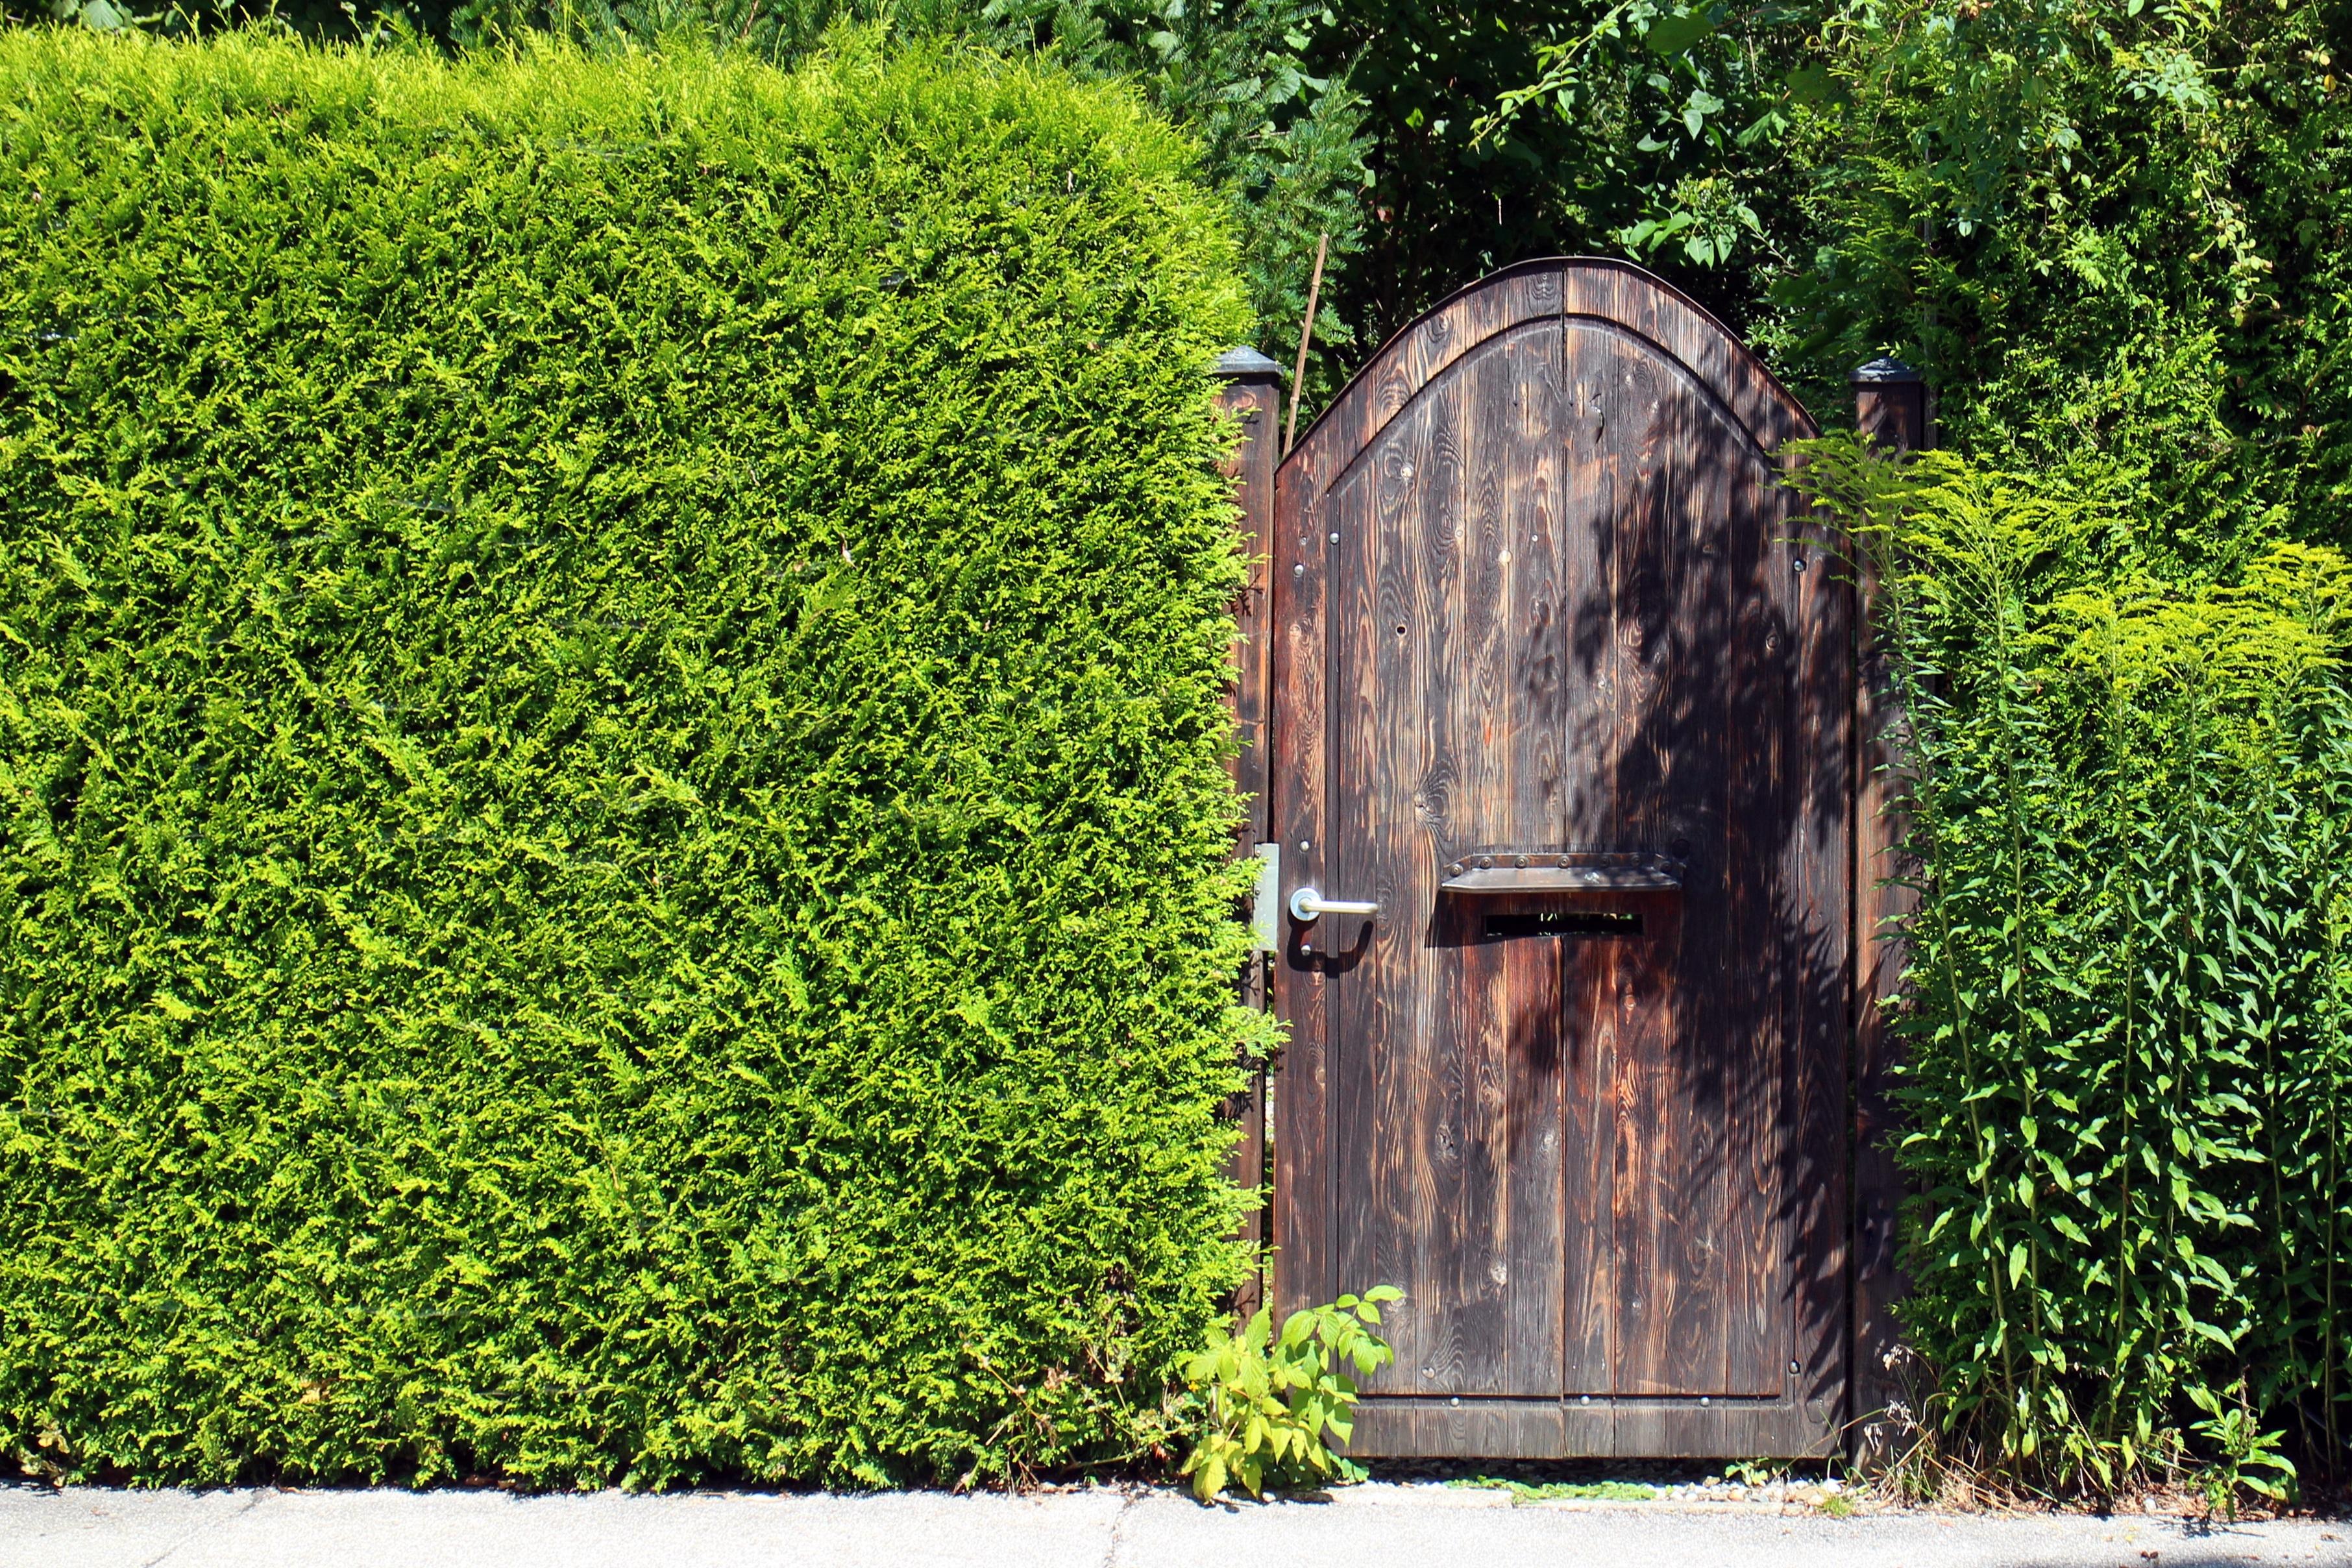 Images gratuites arbre herbe cl ture plante pelouse vert objectif porte en bois - Quand planter de la pelouse ...